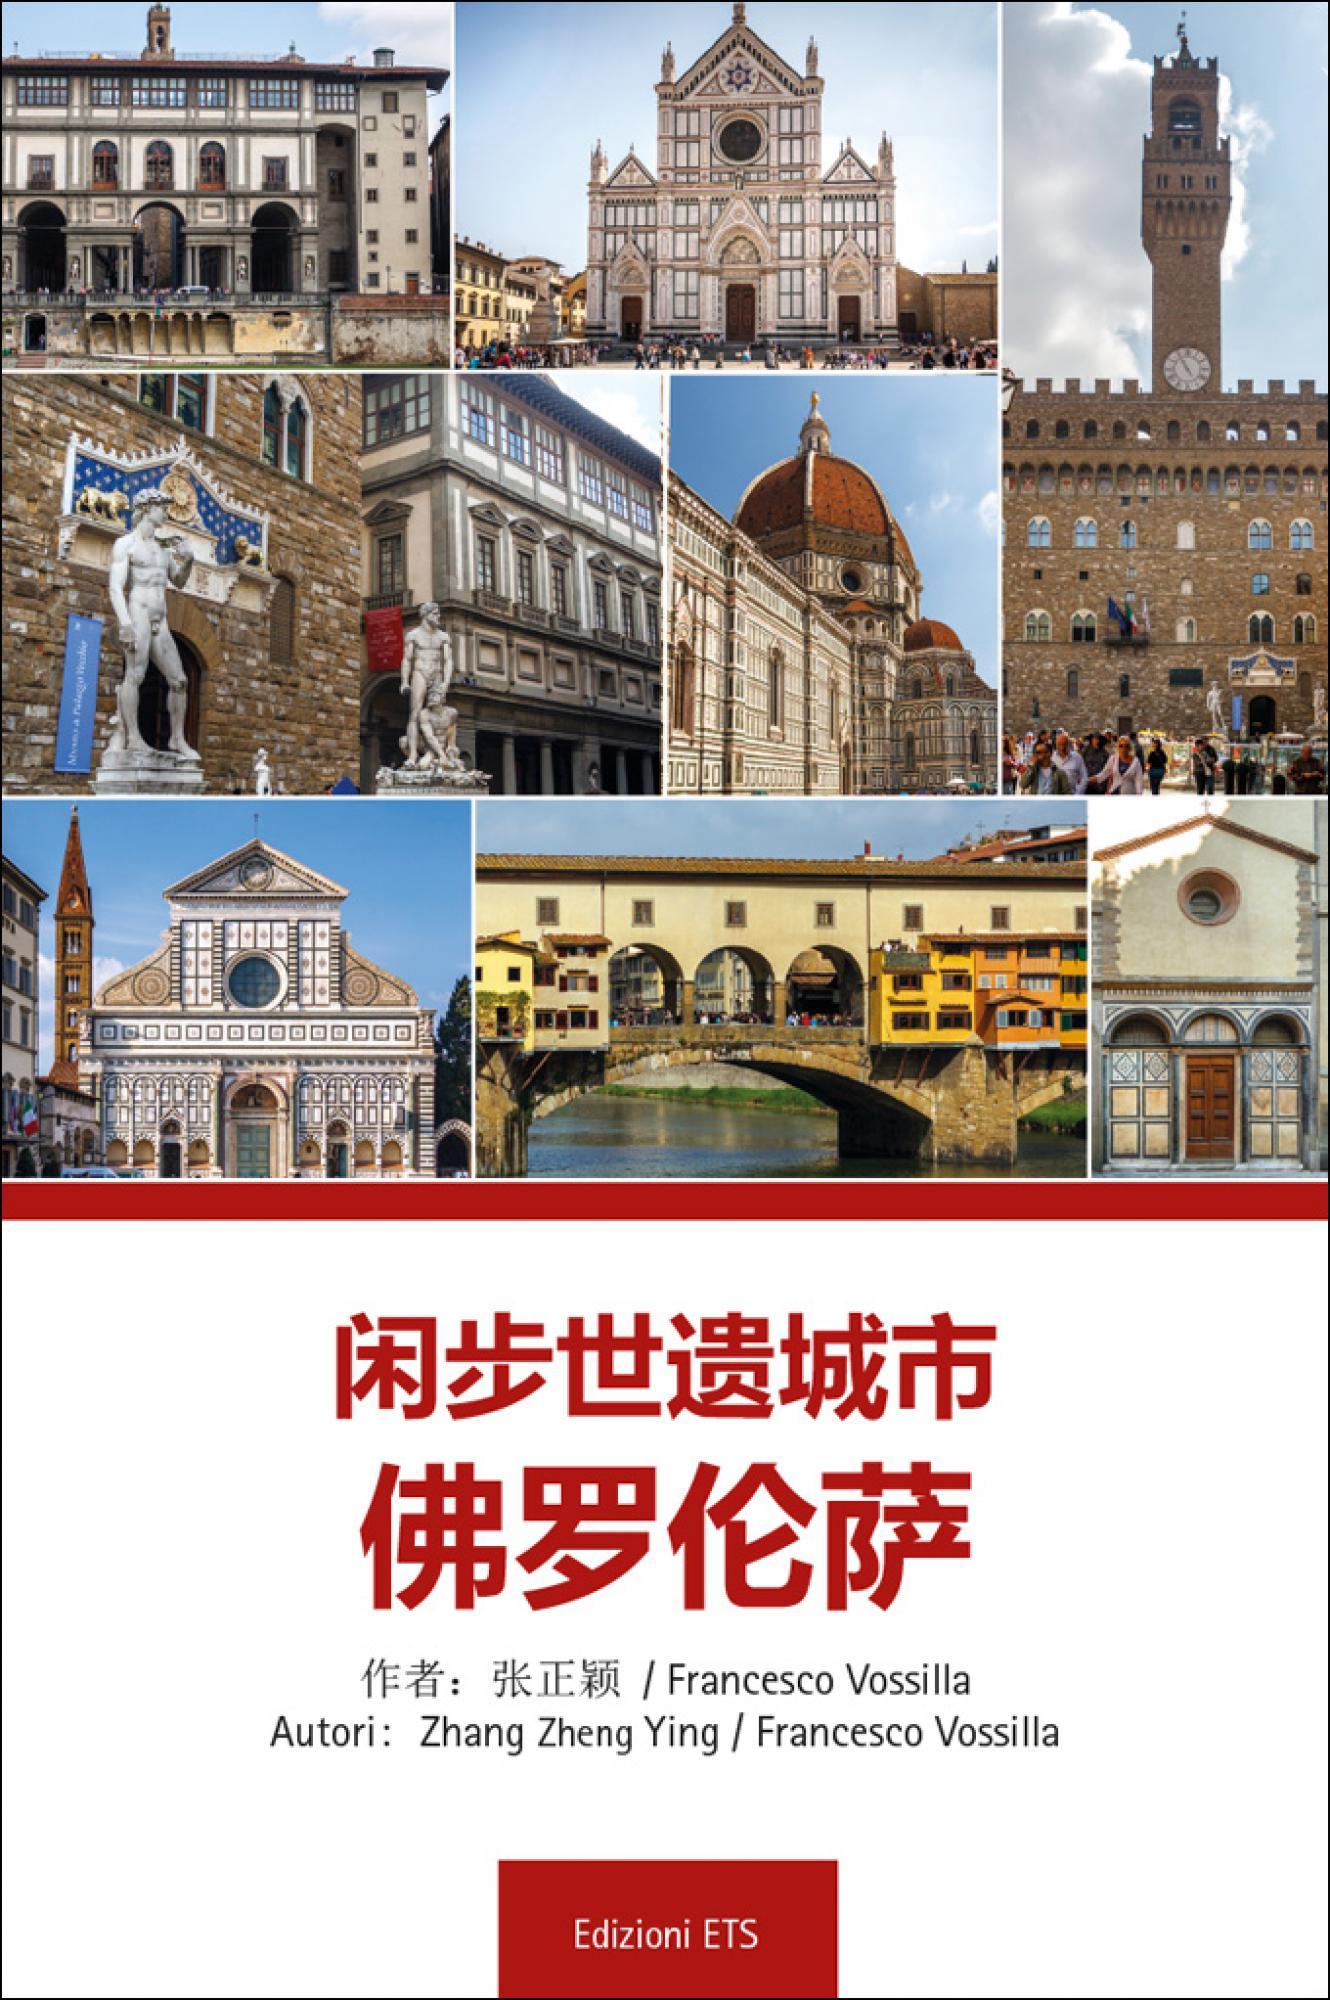 闲步世遗城市 佛罗伦萨.(Guida di Firenze)